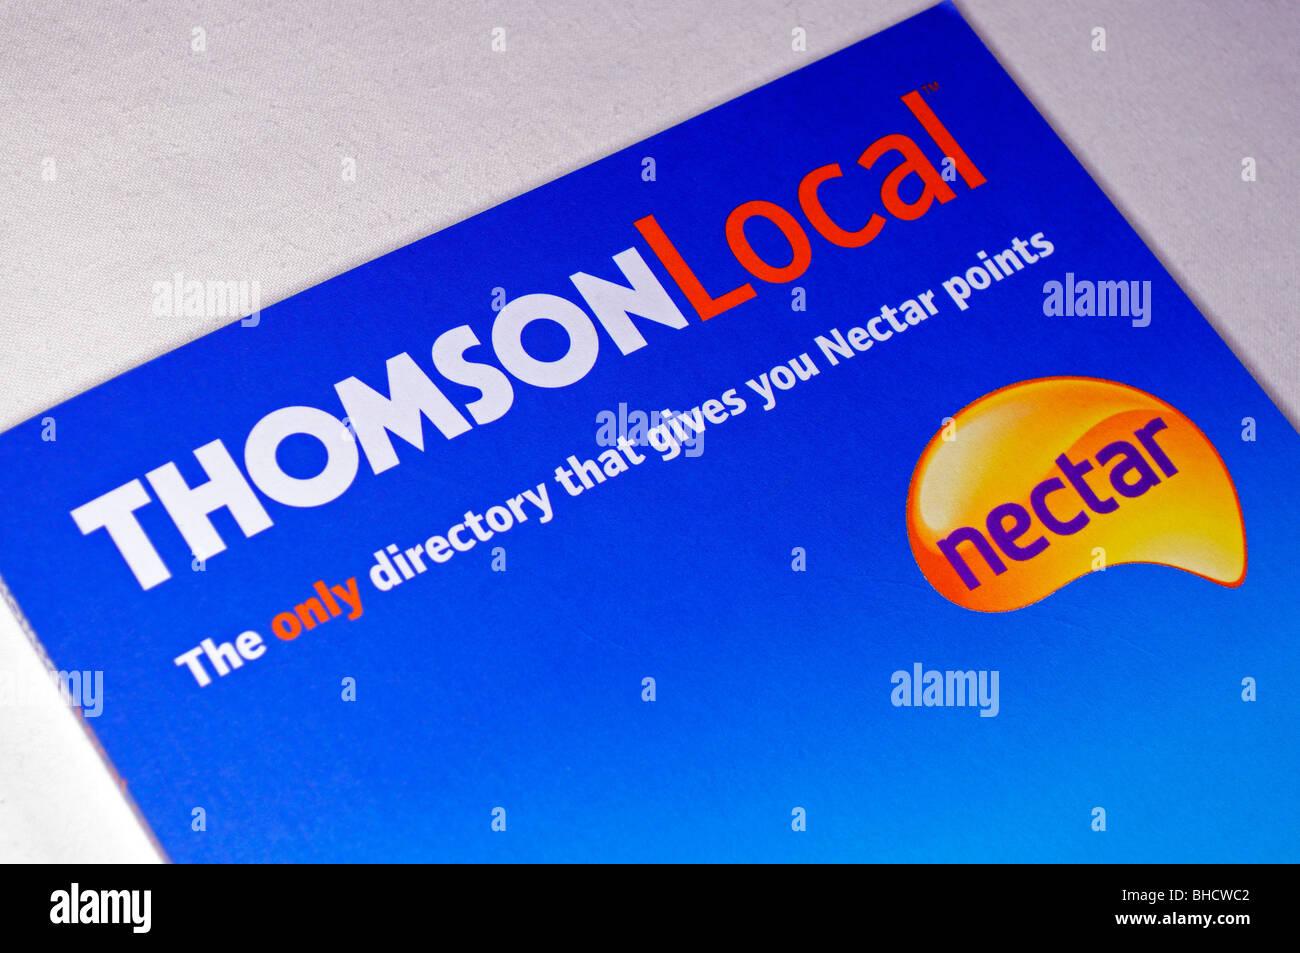 El Thompson directorio telefónico local Imagen De Stock